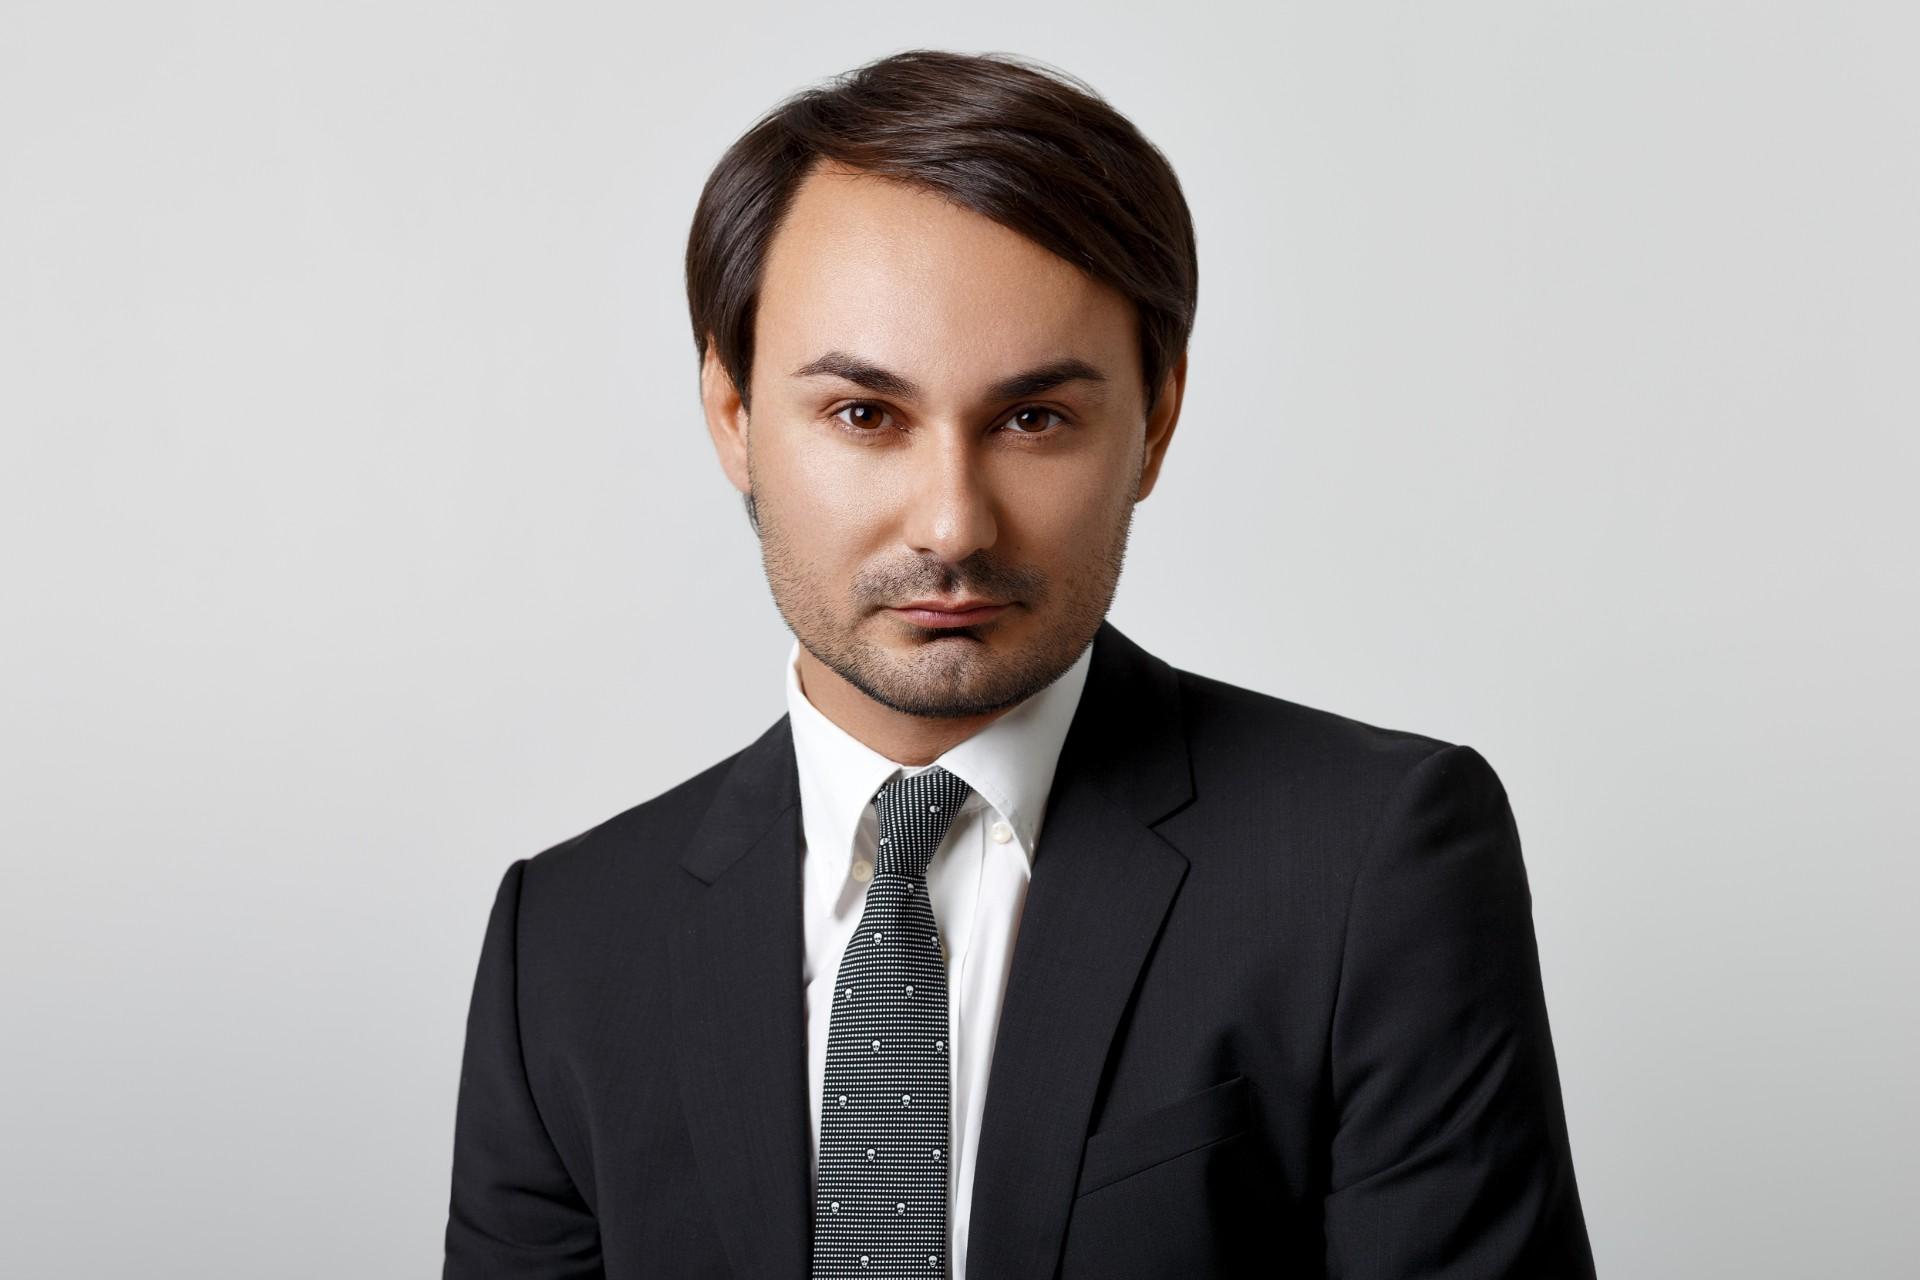 Владислав Запорожченко, IBOX Bank: про трансформацію банкінгу, український Фінтех і вплив коронакризи